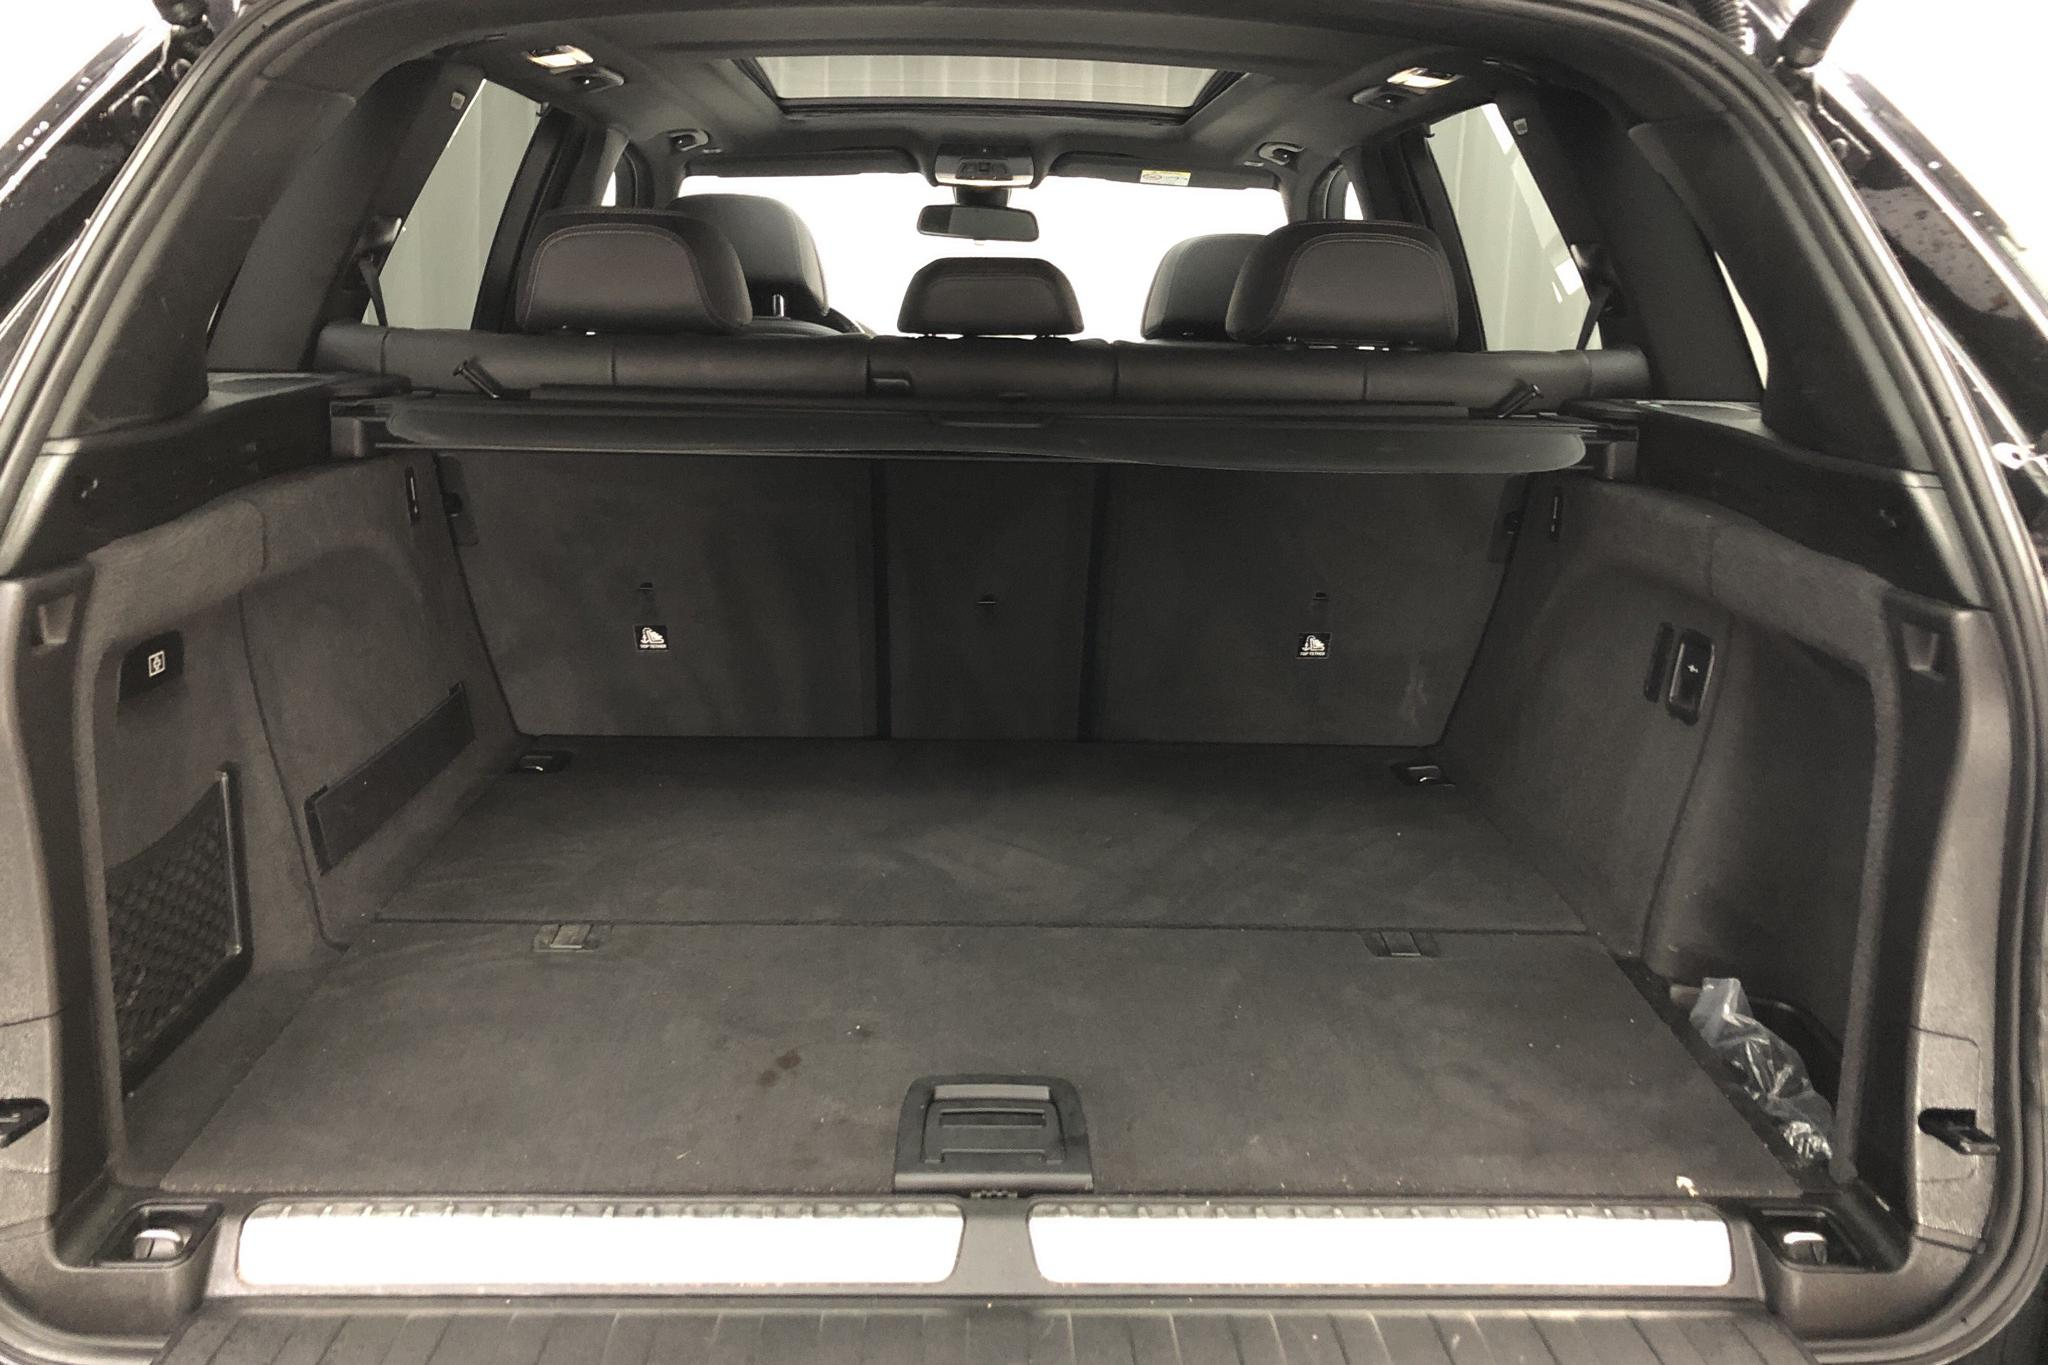 BMW X5 xDrive40e, F15 (245hk) - 55 950 km - Automatic - black - 2018